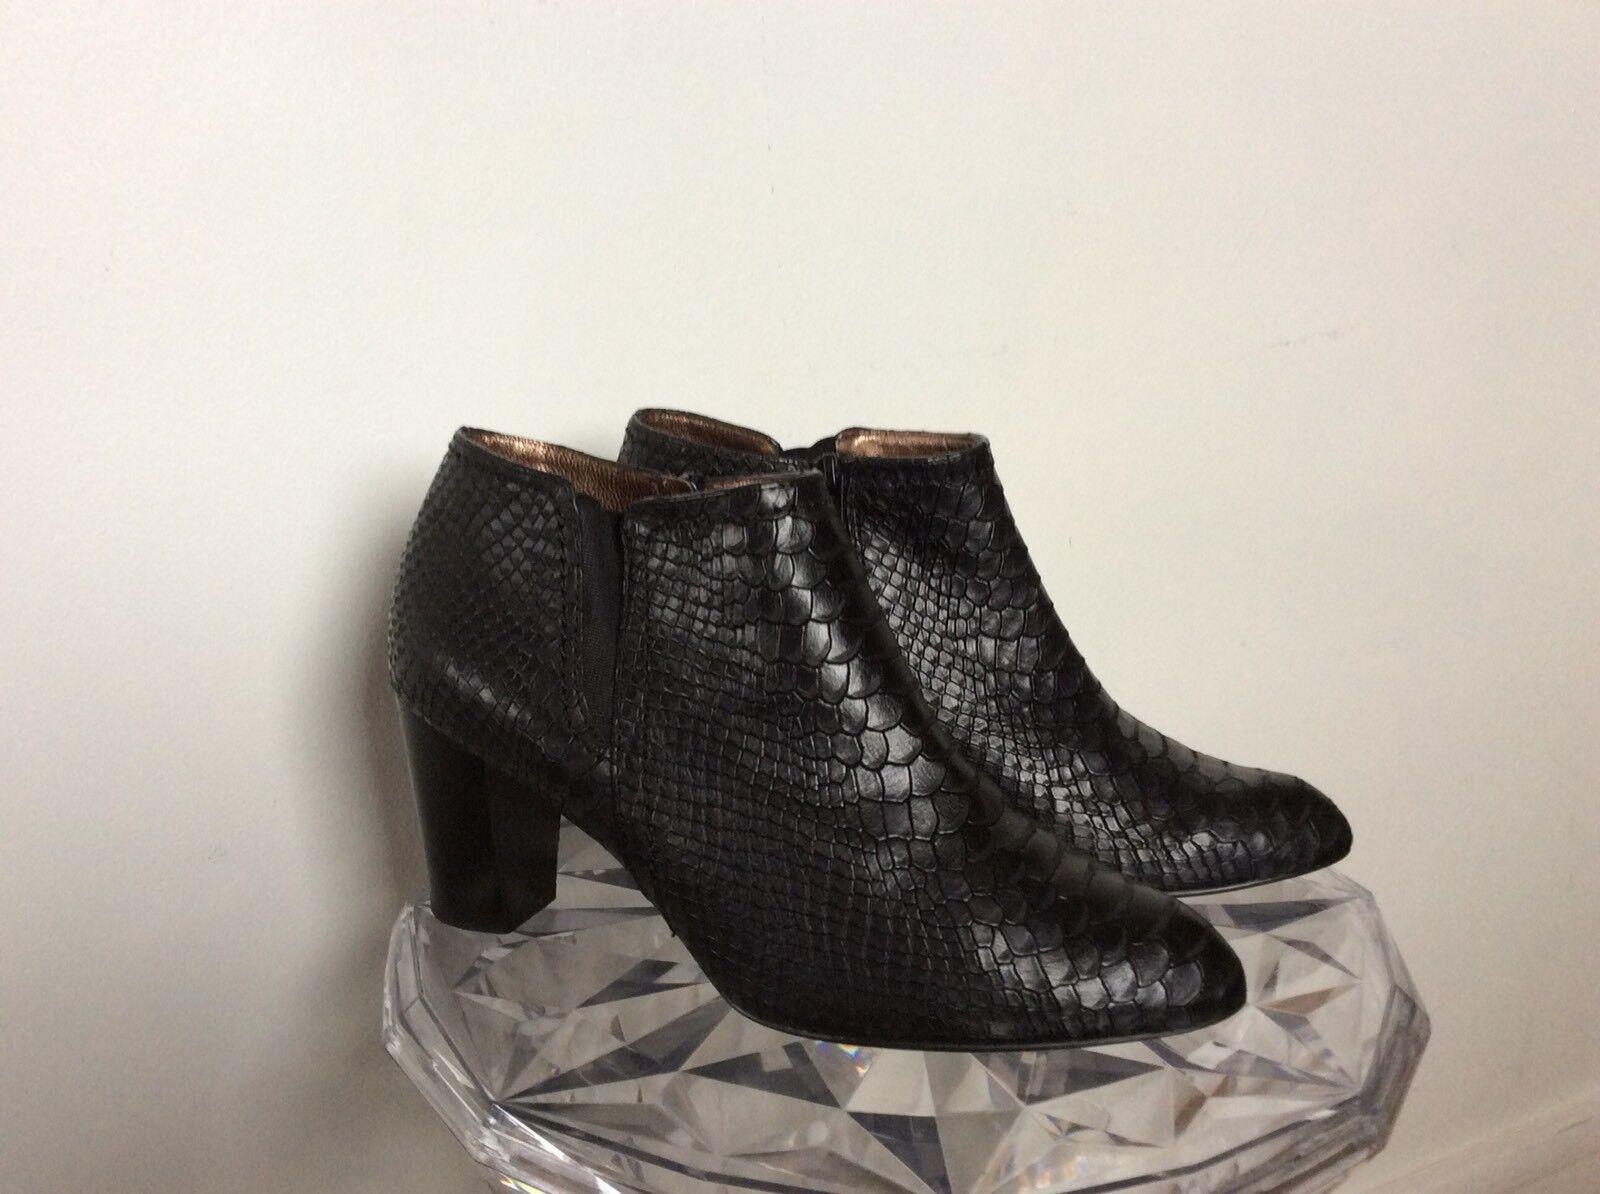 Miglior prezzo Très Belles Low Low Low stivali WALTER STEIGER neroes Façon Python, Excellent Était, P38,5  fino al 60% di sconto